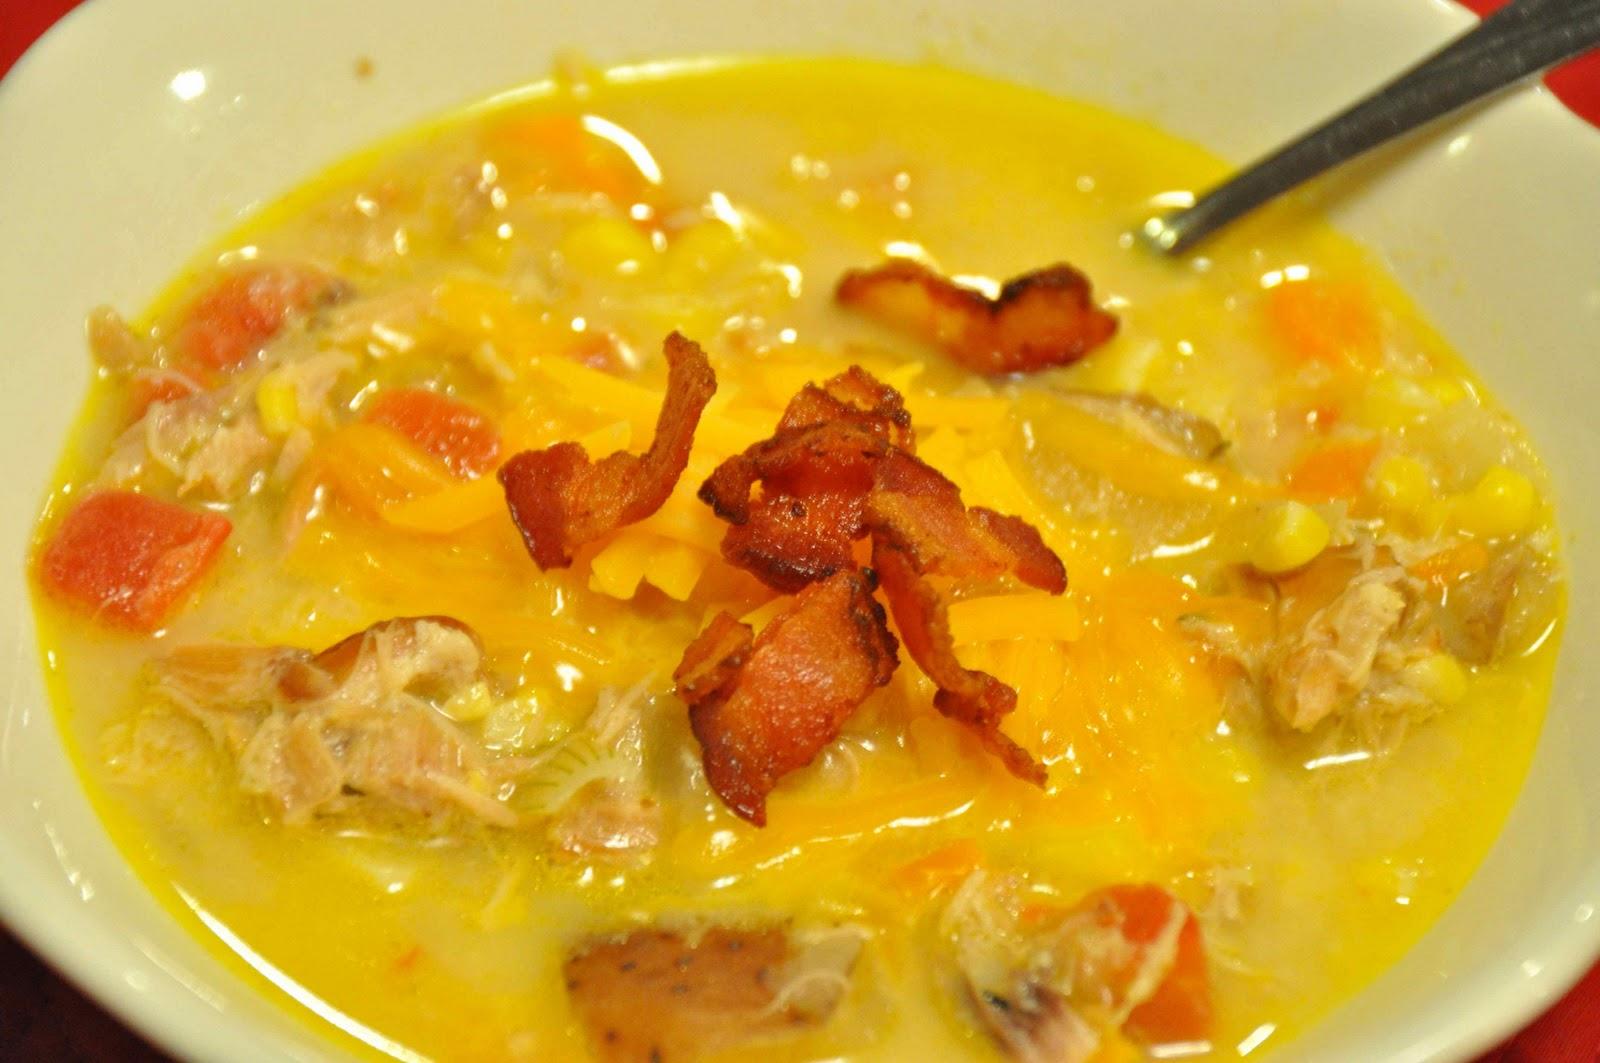 Chicken-Corn Chowder